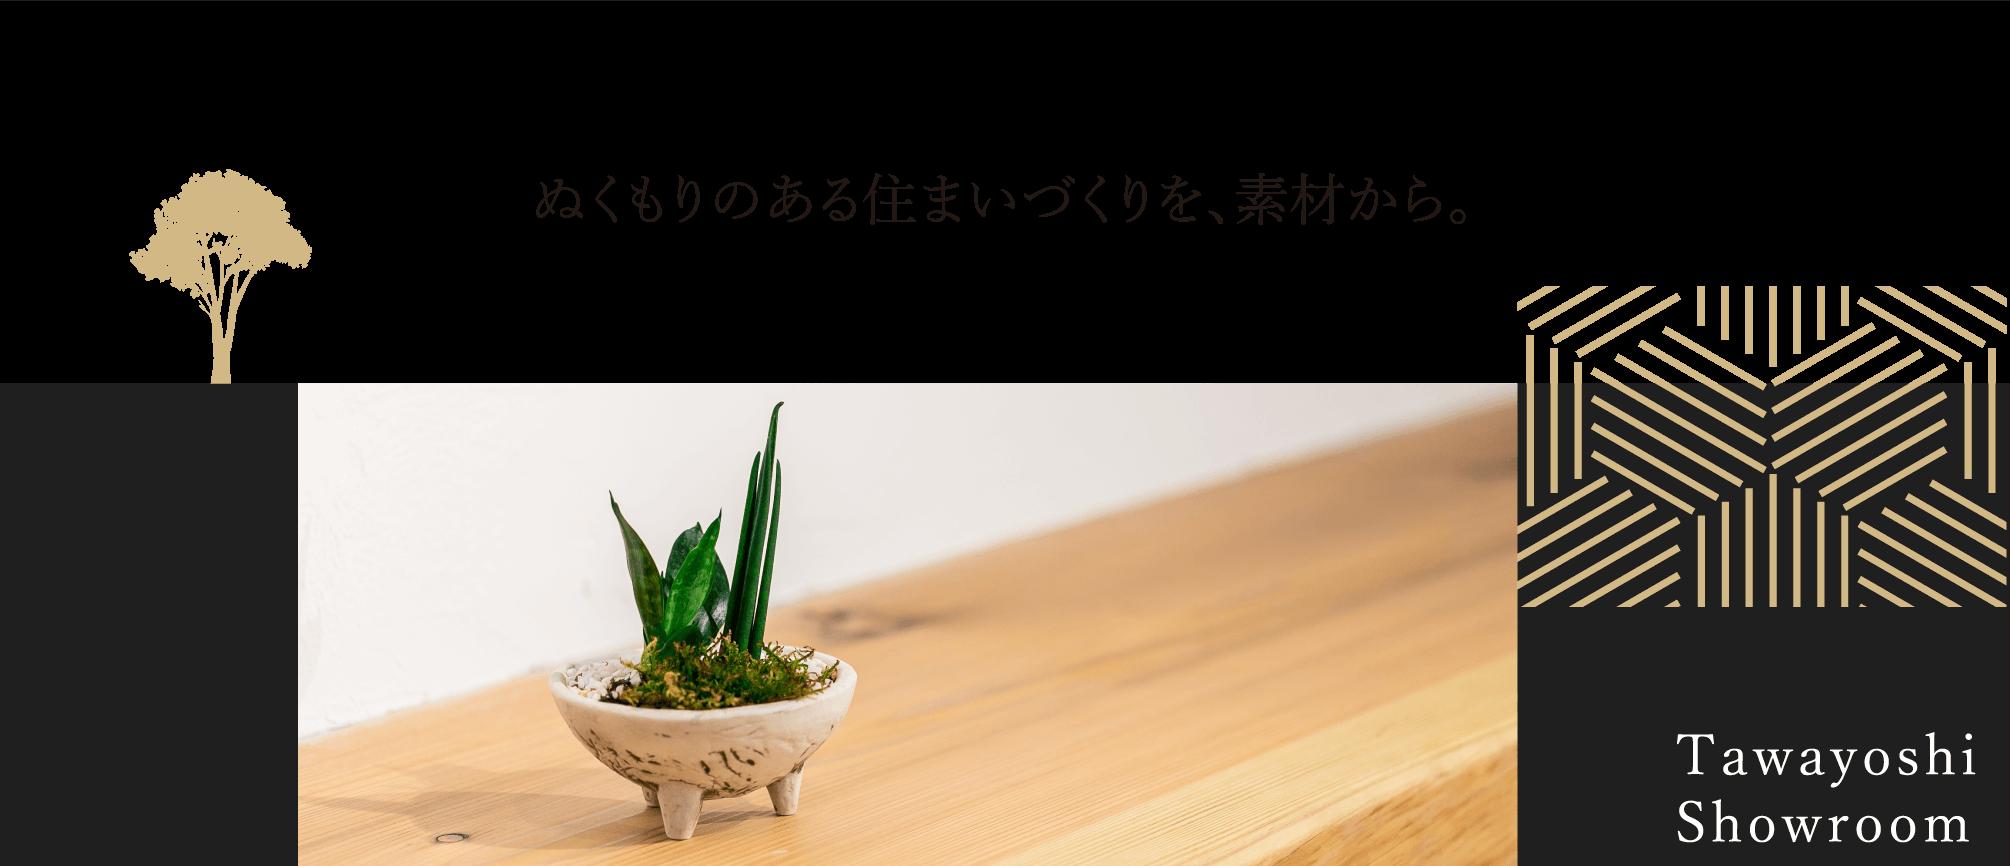 ぬくもりのある住まいづくりを、素材から。Tawayoshi Showroom